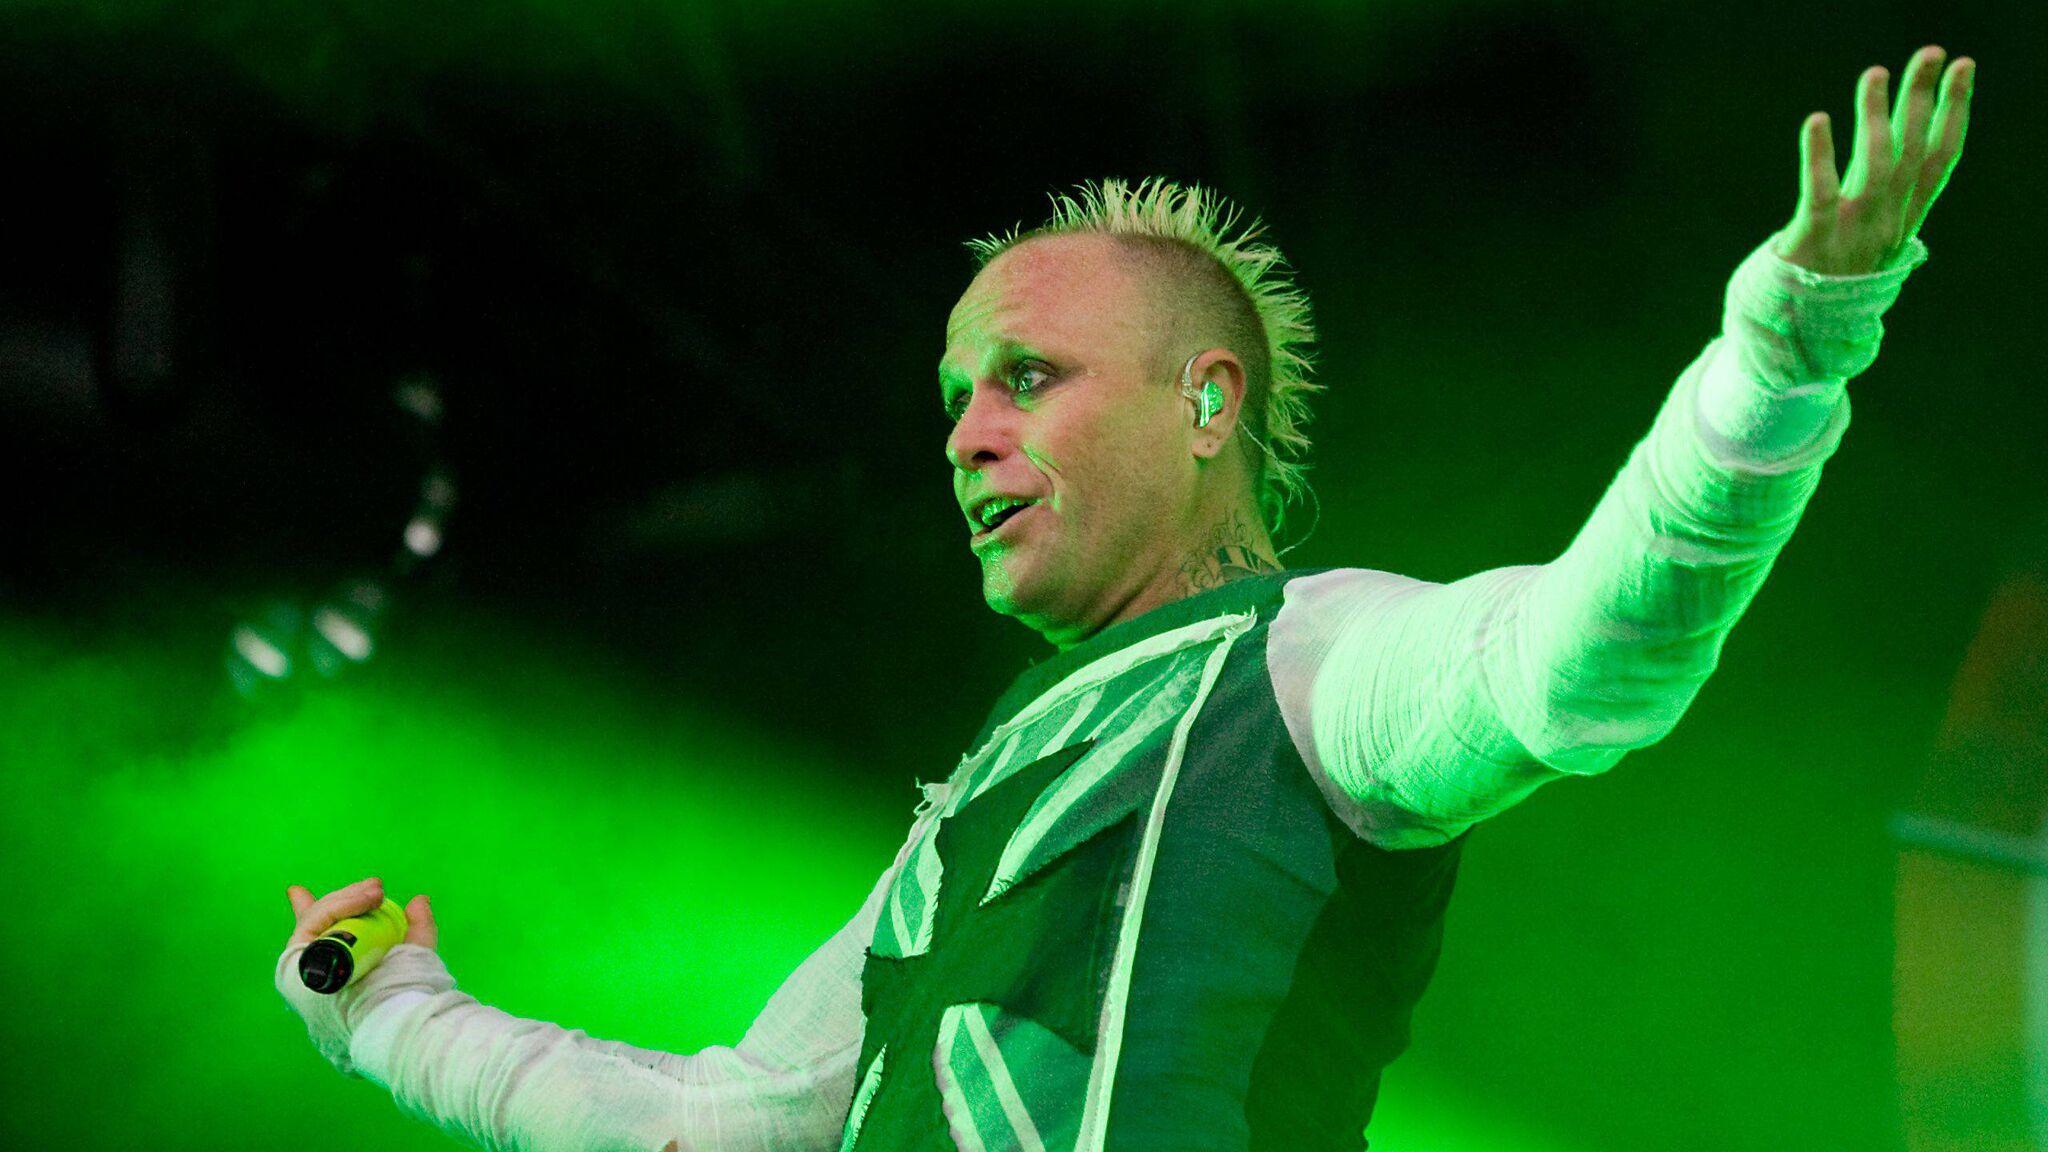 Mort à 49 ans de Keith Flint : le chanteur du groupe The Prodigy s'est suicidé